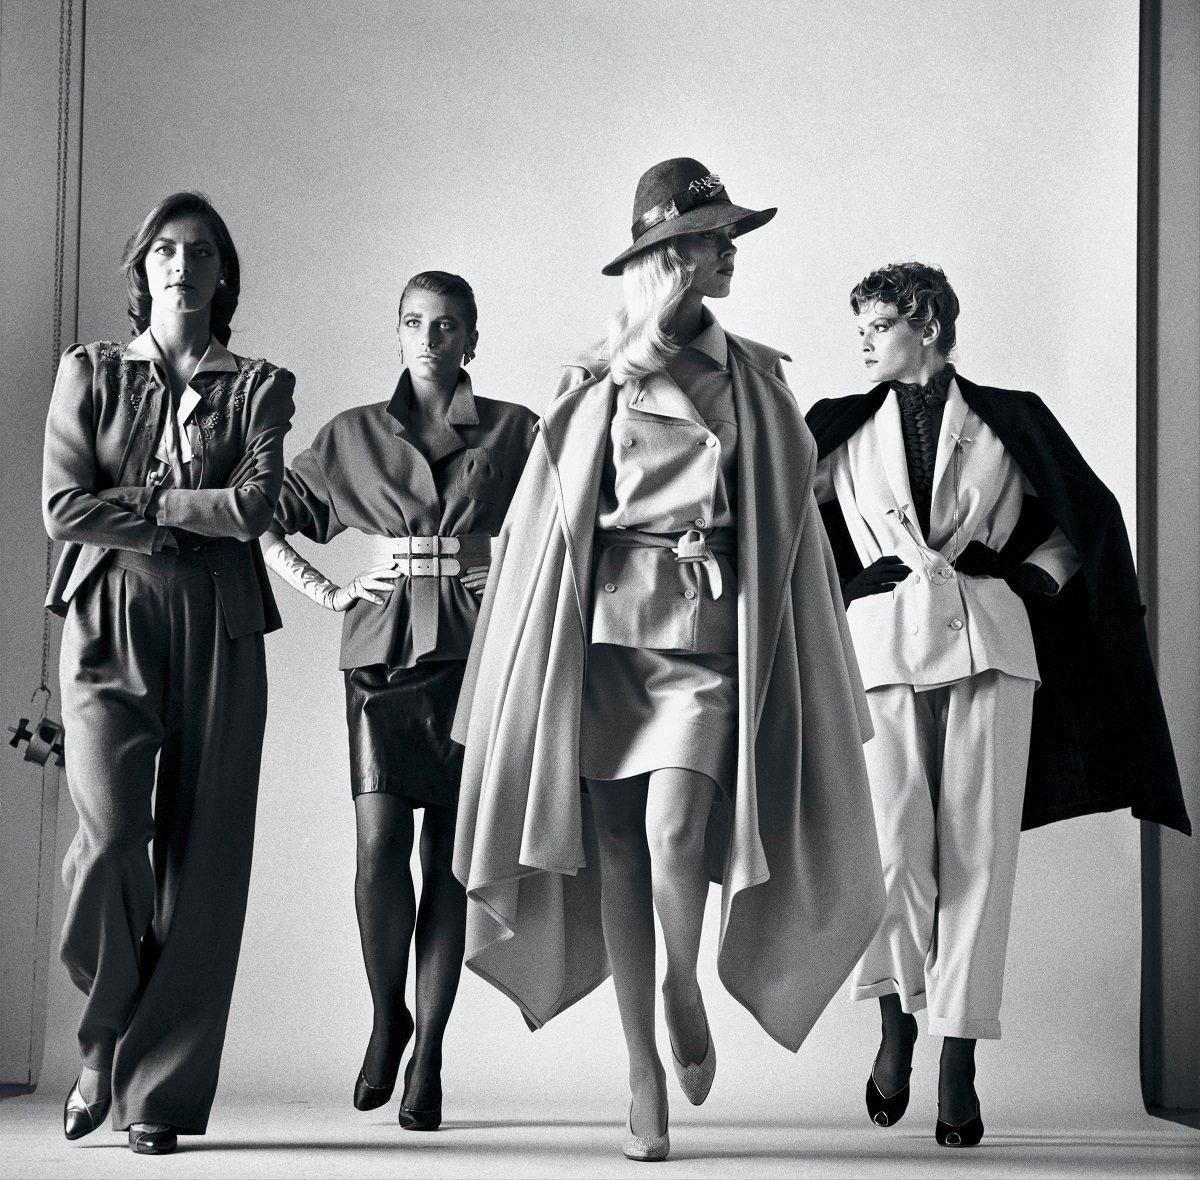 """Helmut Newton, Sie kommen, Paris 1981 from the series """"Big Nudes"""""""